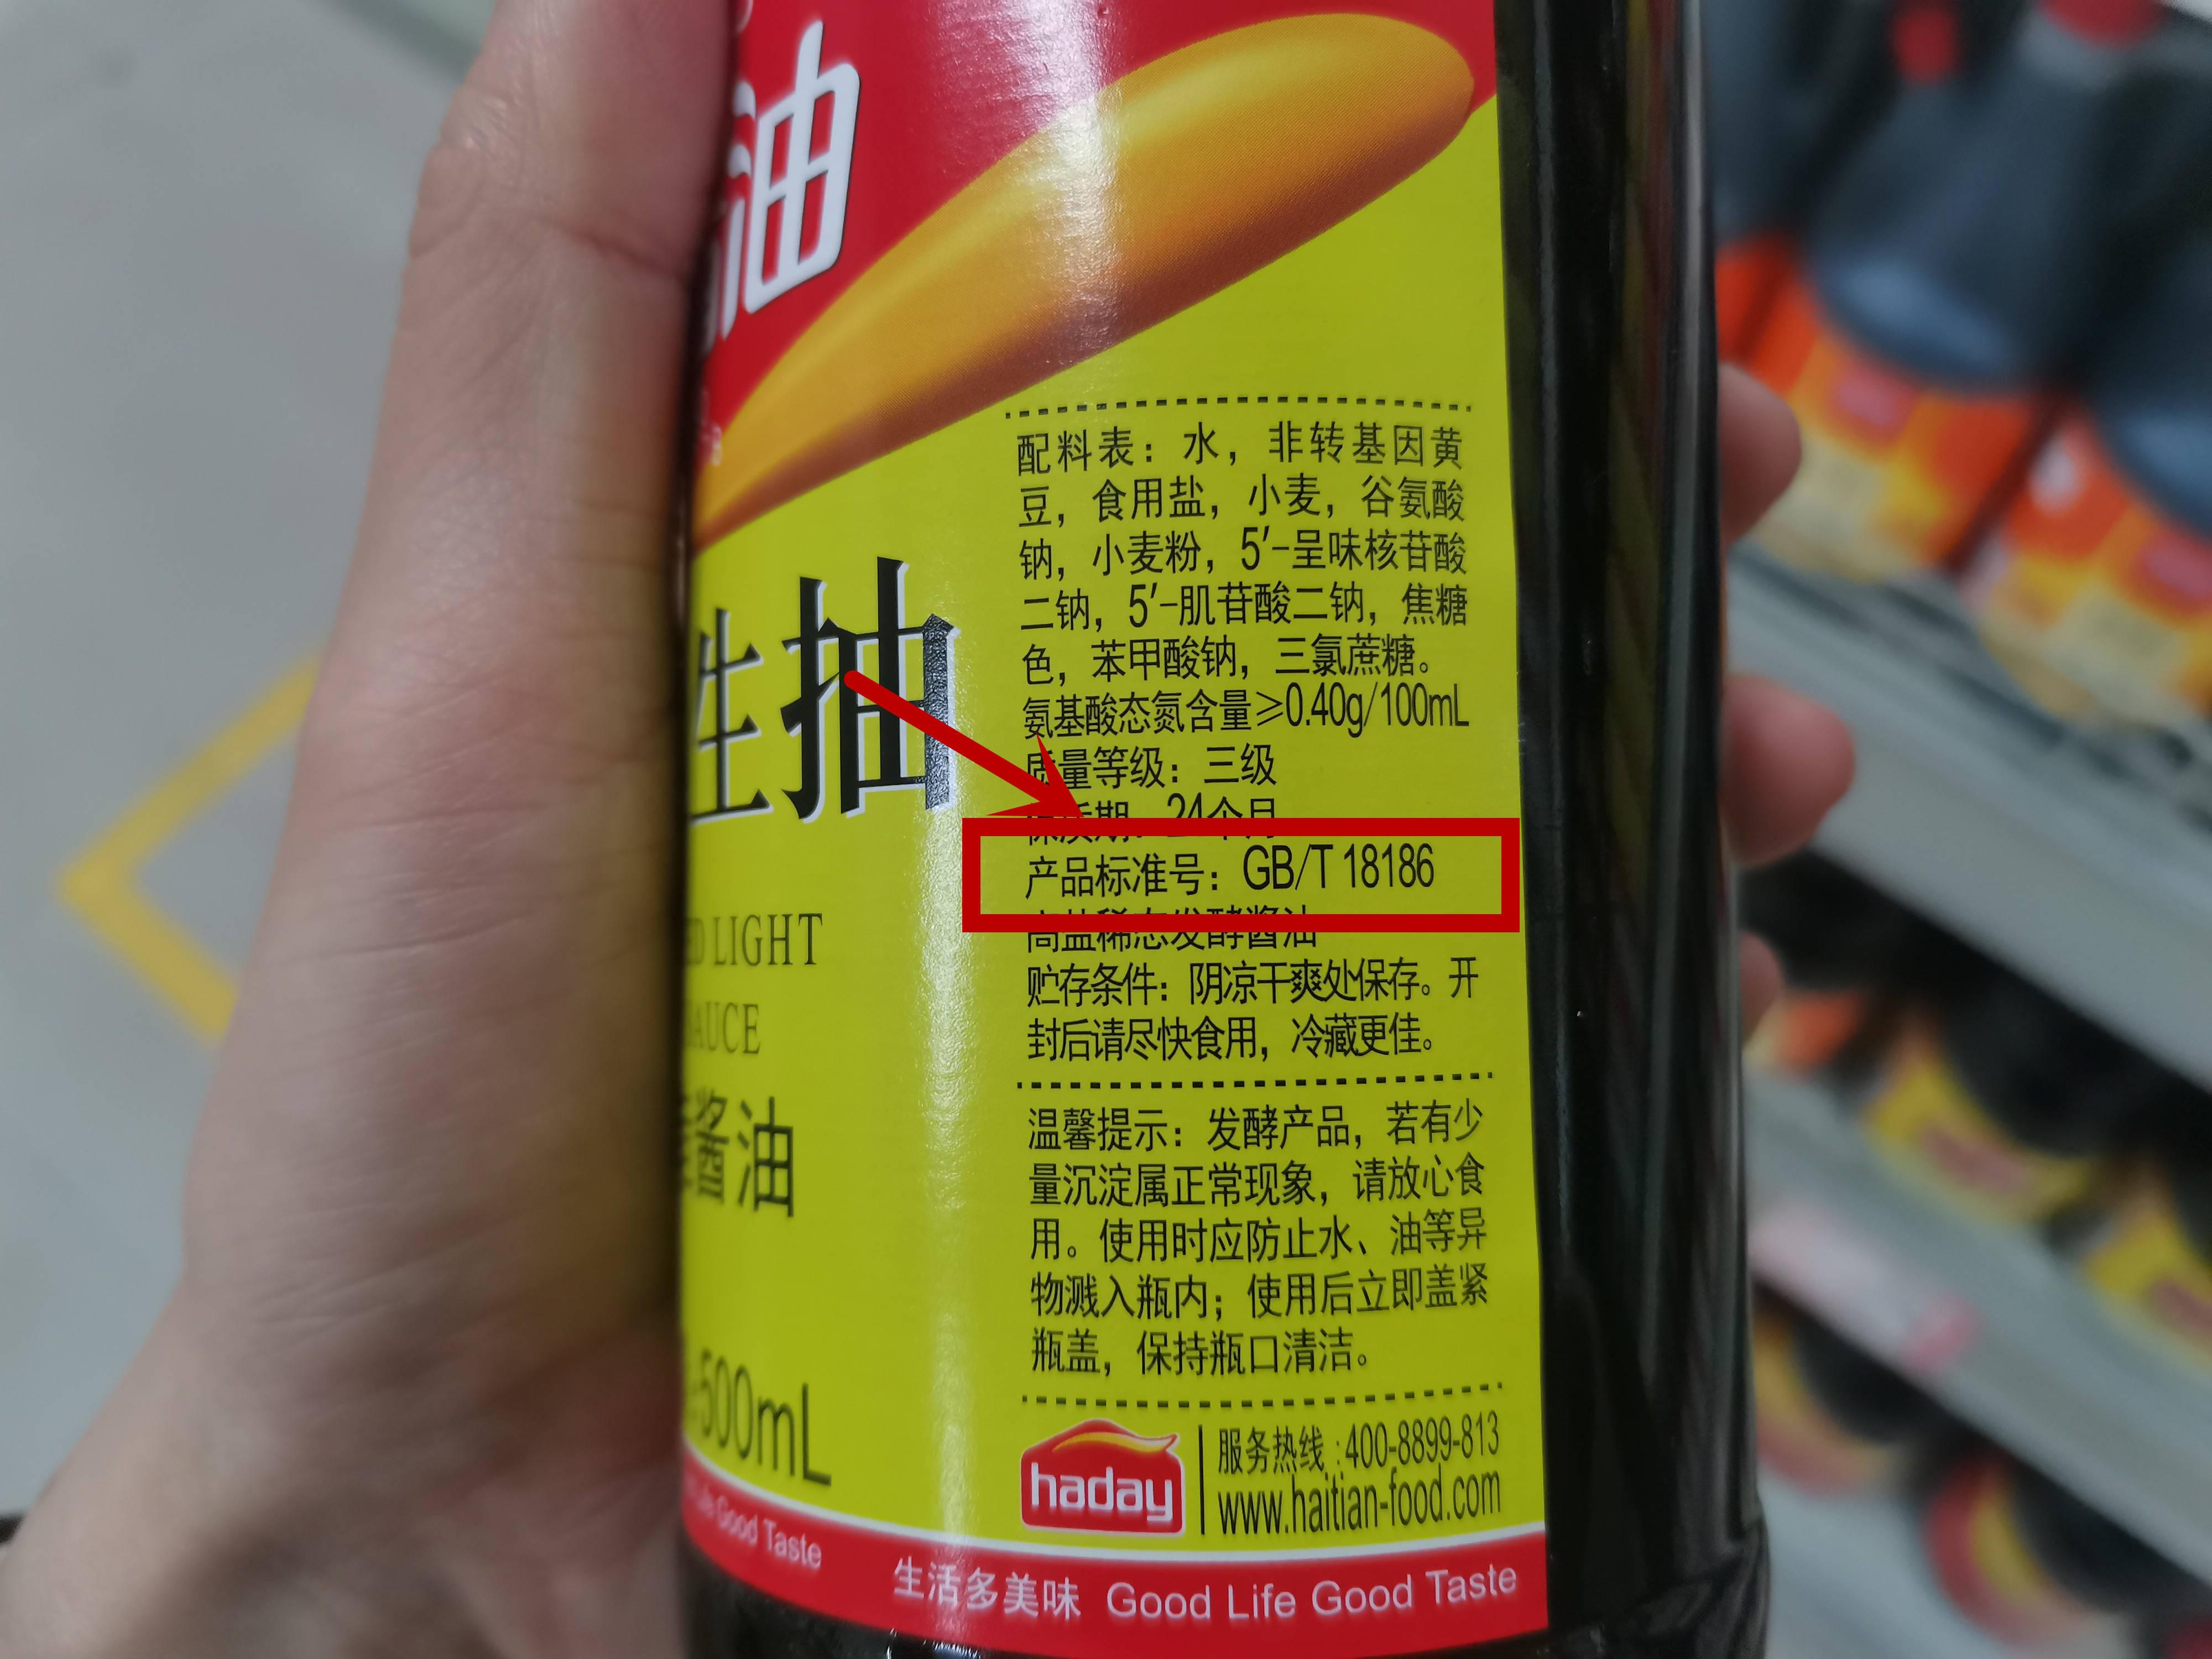 买酱油时,别管价格,先看标签上的一行指标数值,挑好酱油简单了